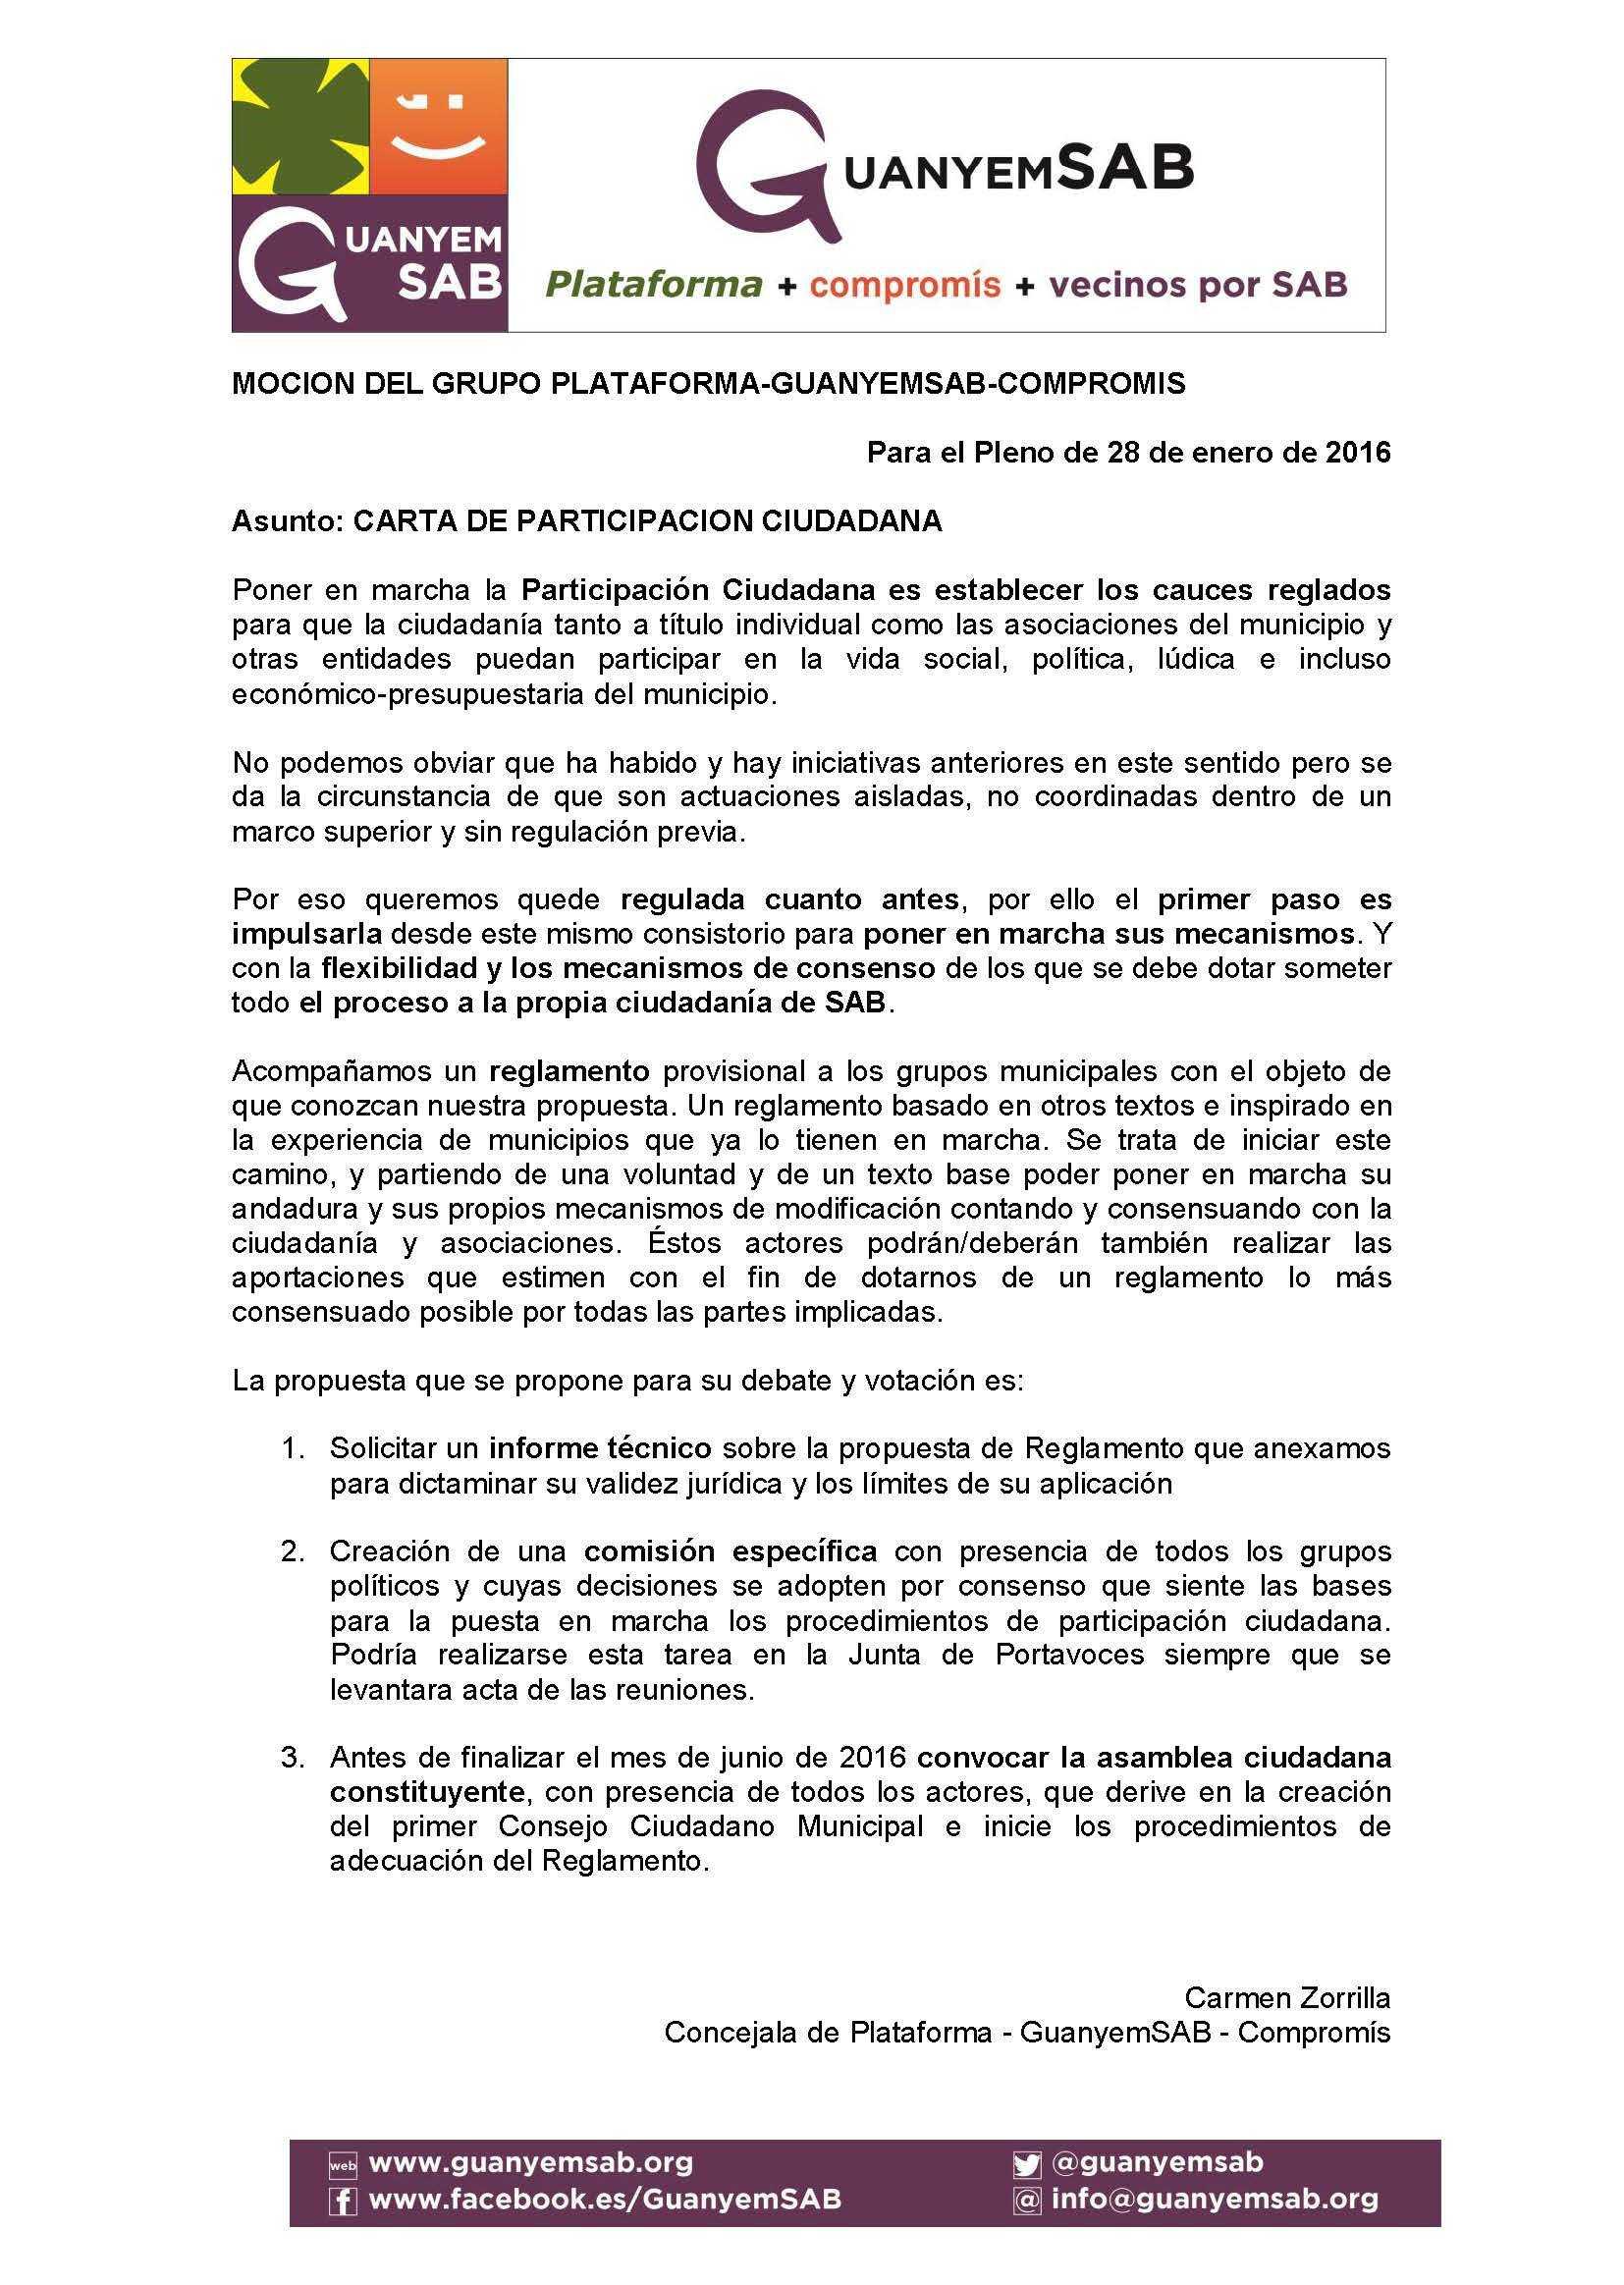 4-mocion-carta-de-participacion-ciudadana